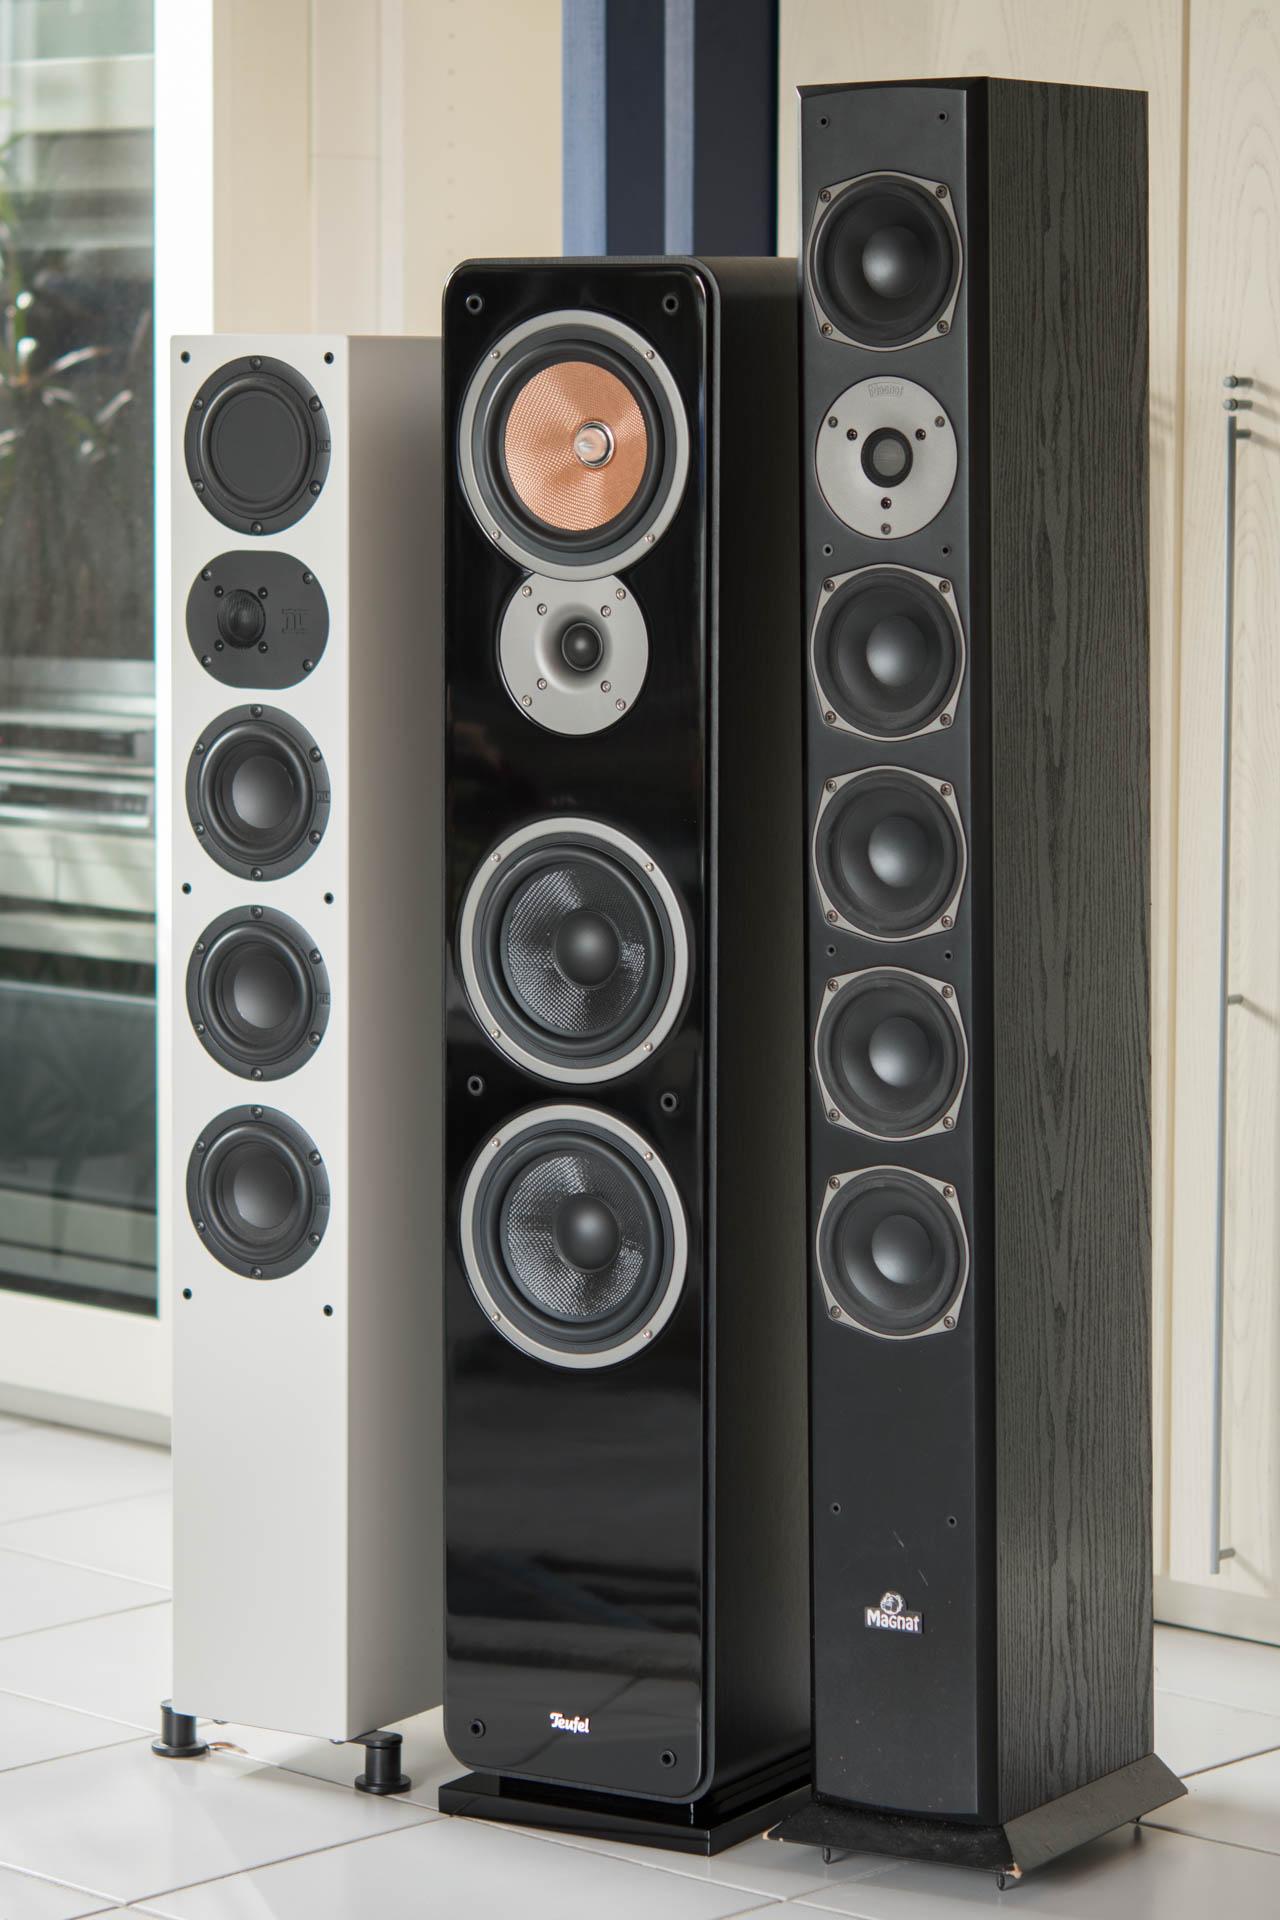 teufel ultima 40 mk2 im test das lautsprecher monster aus. Black Bedroom Furniture Sets. Home Design Ideas